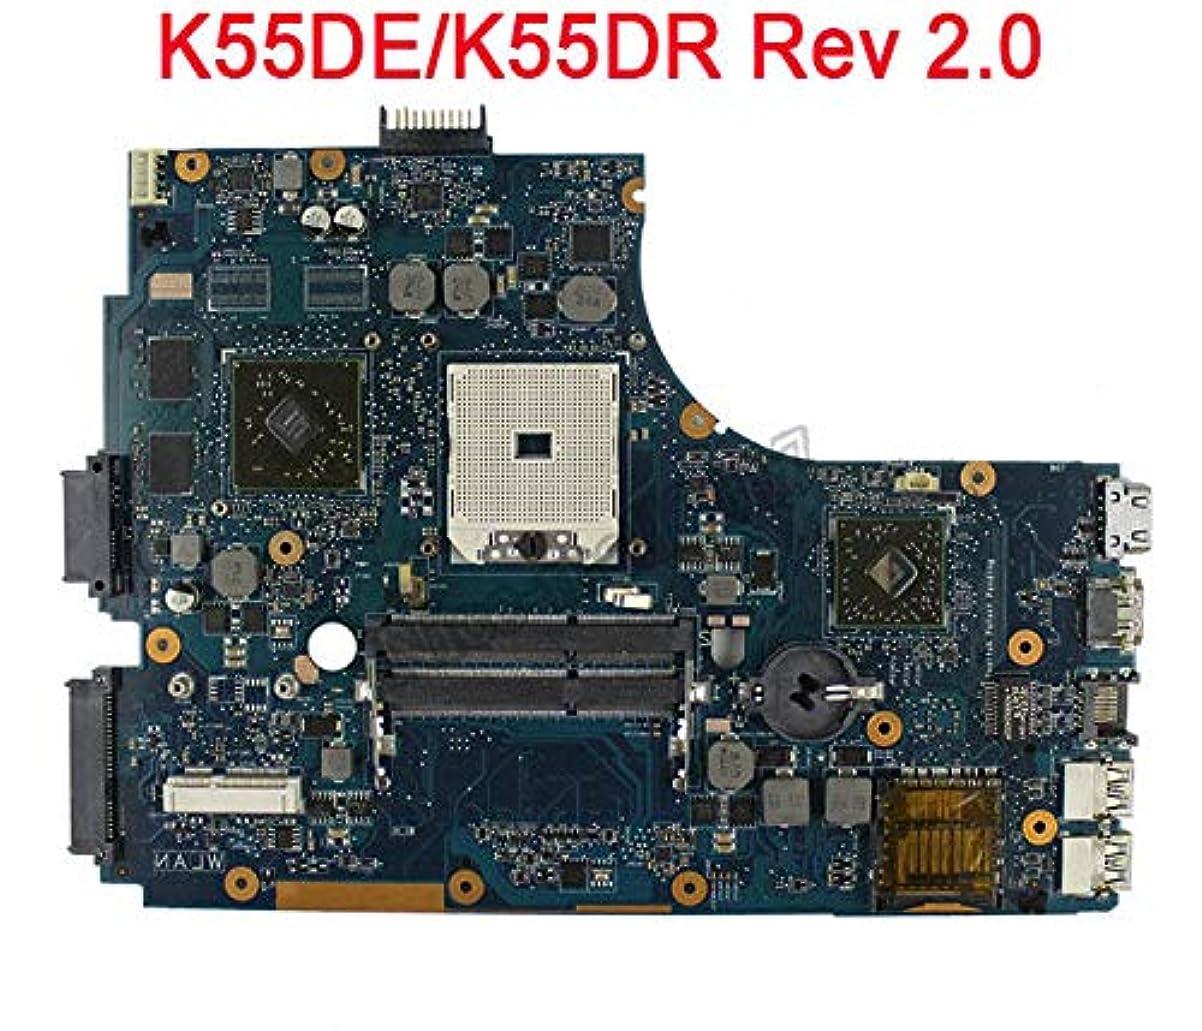 ワット転倒メルボルンFidgetFidget Asus K55DR K55DE マザーボード メインボード Rev 2.0 HD 6470M 非統合